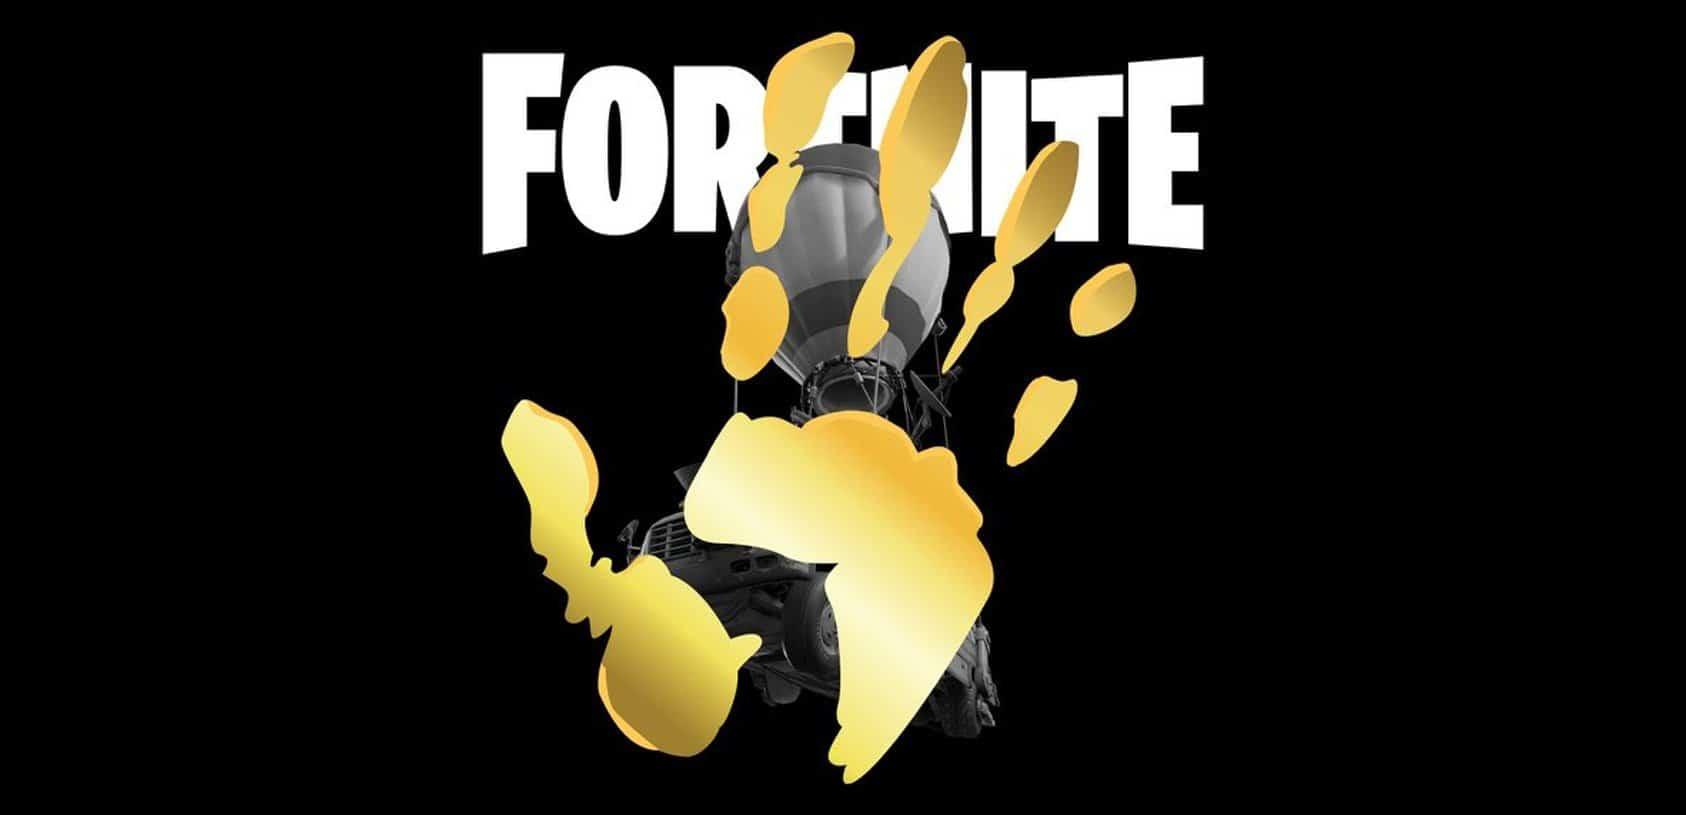 When does Fortnite Chapter 2 Season 2 start?